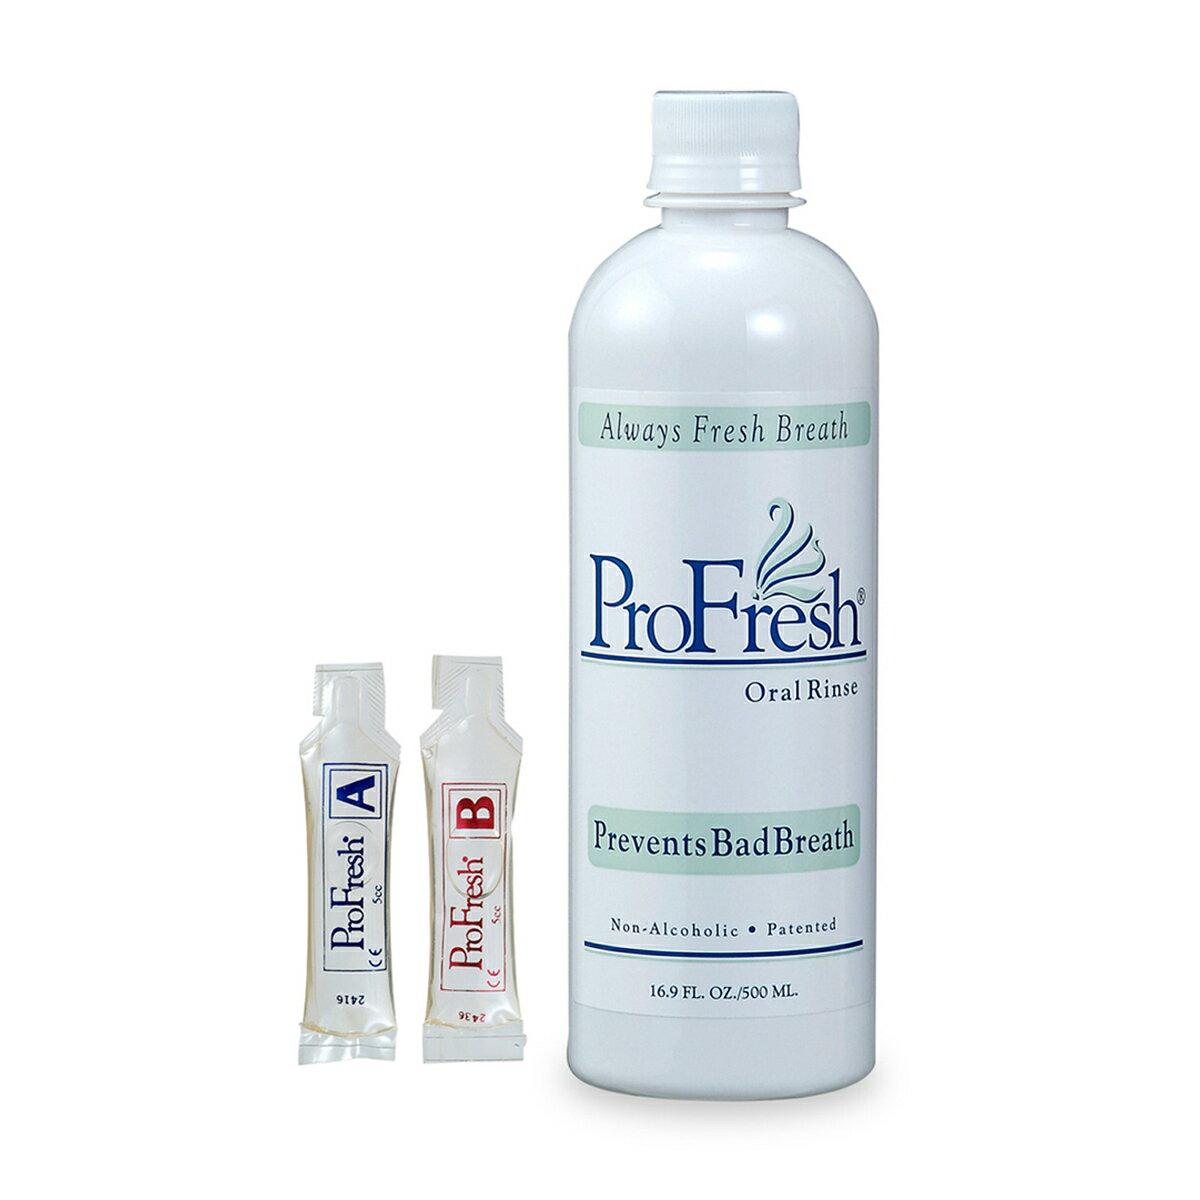 口臭 プロフレッシュ オーラルリンス 口臭予防 酸素の力で長時間予防出来る本格的な口腔化粧品ProFresh 30秒間すすいだあと、ブラッシング